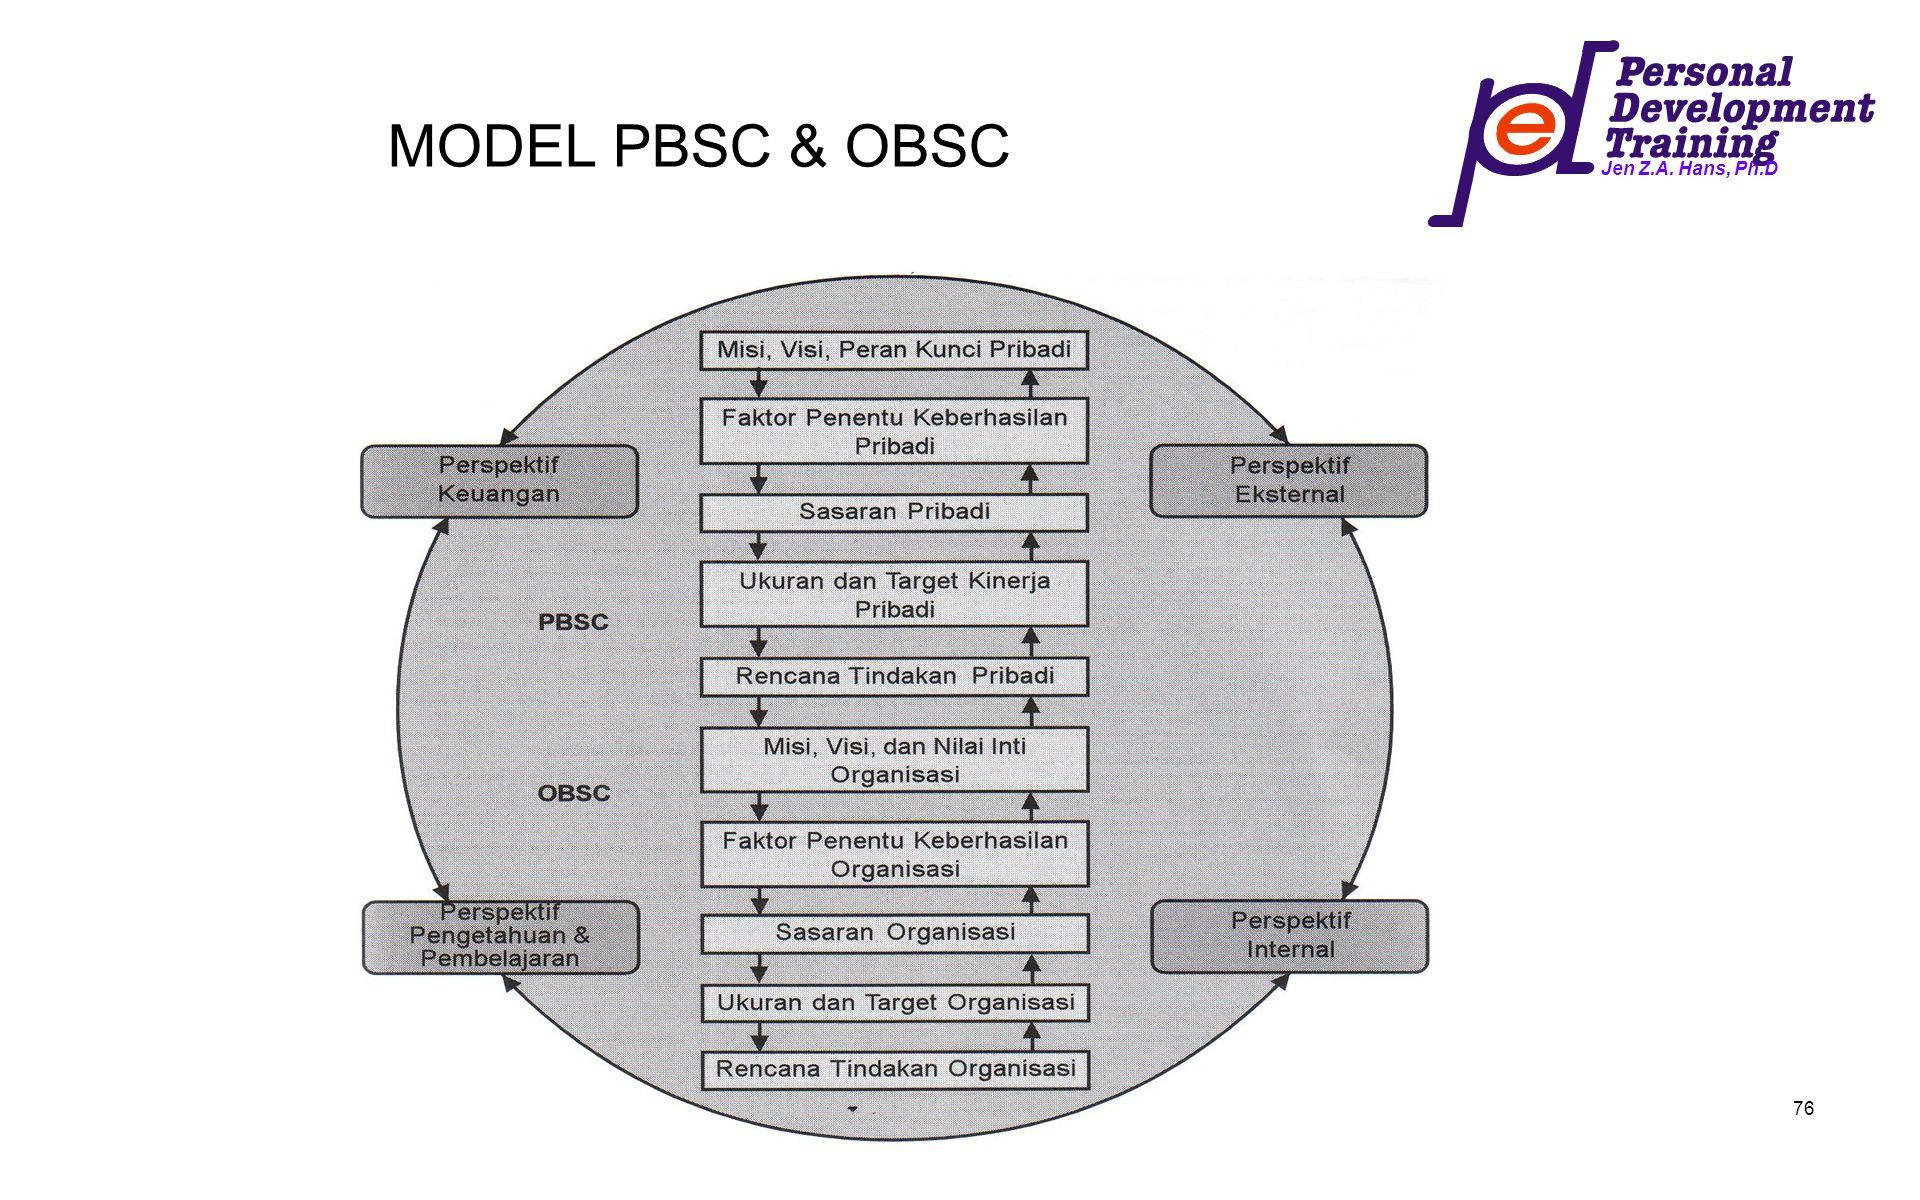 MODEL PBSC & OBSC